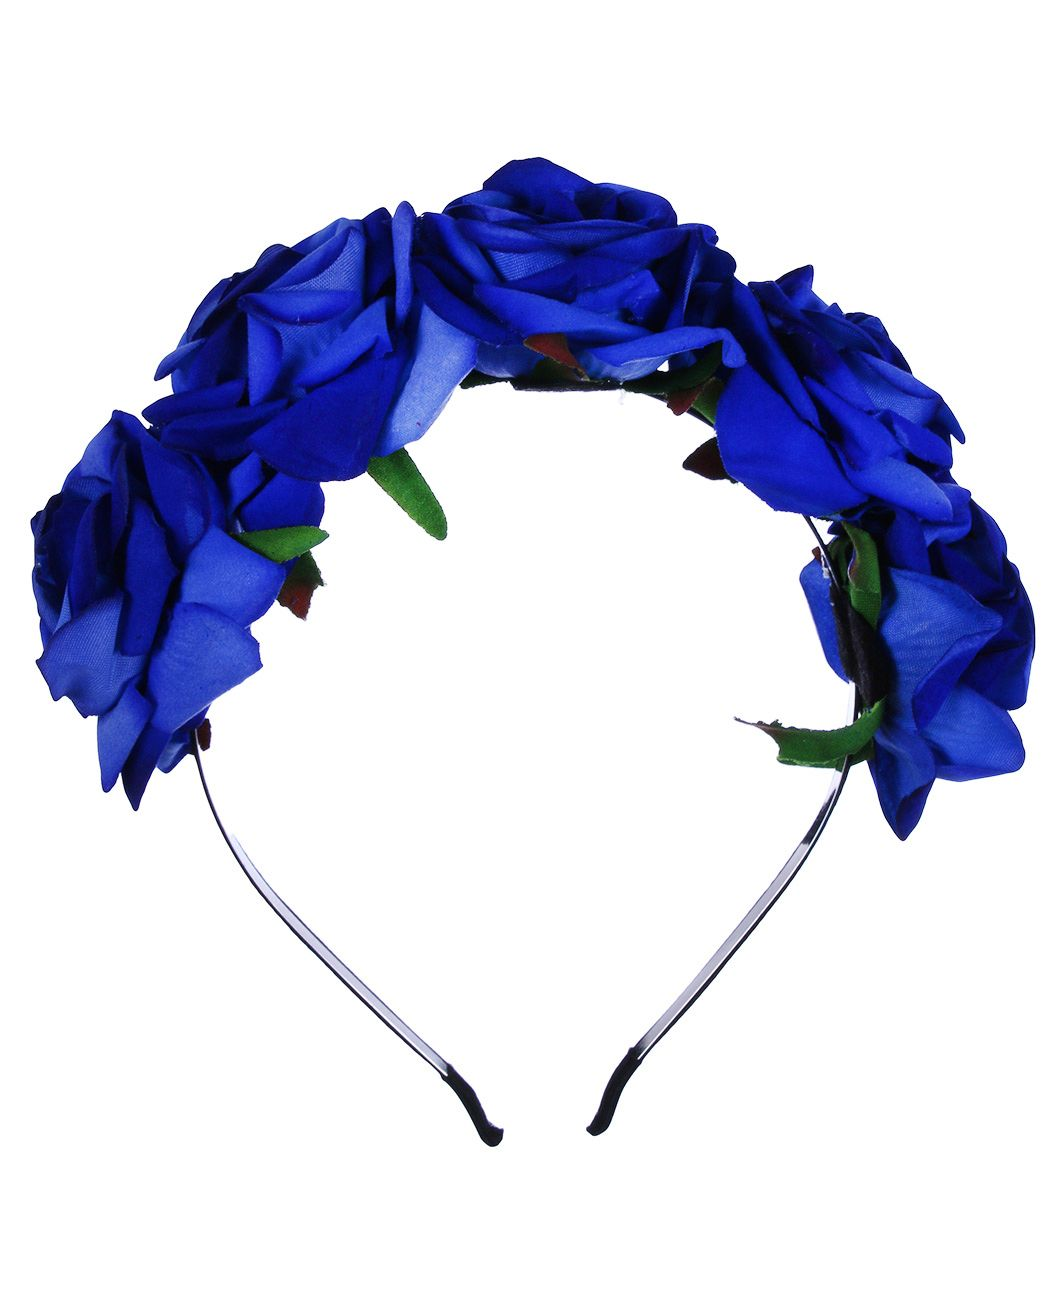 Nouveau Produit Serre Tete Avec Roses Bleu Roi Romantique Fleuri